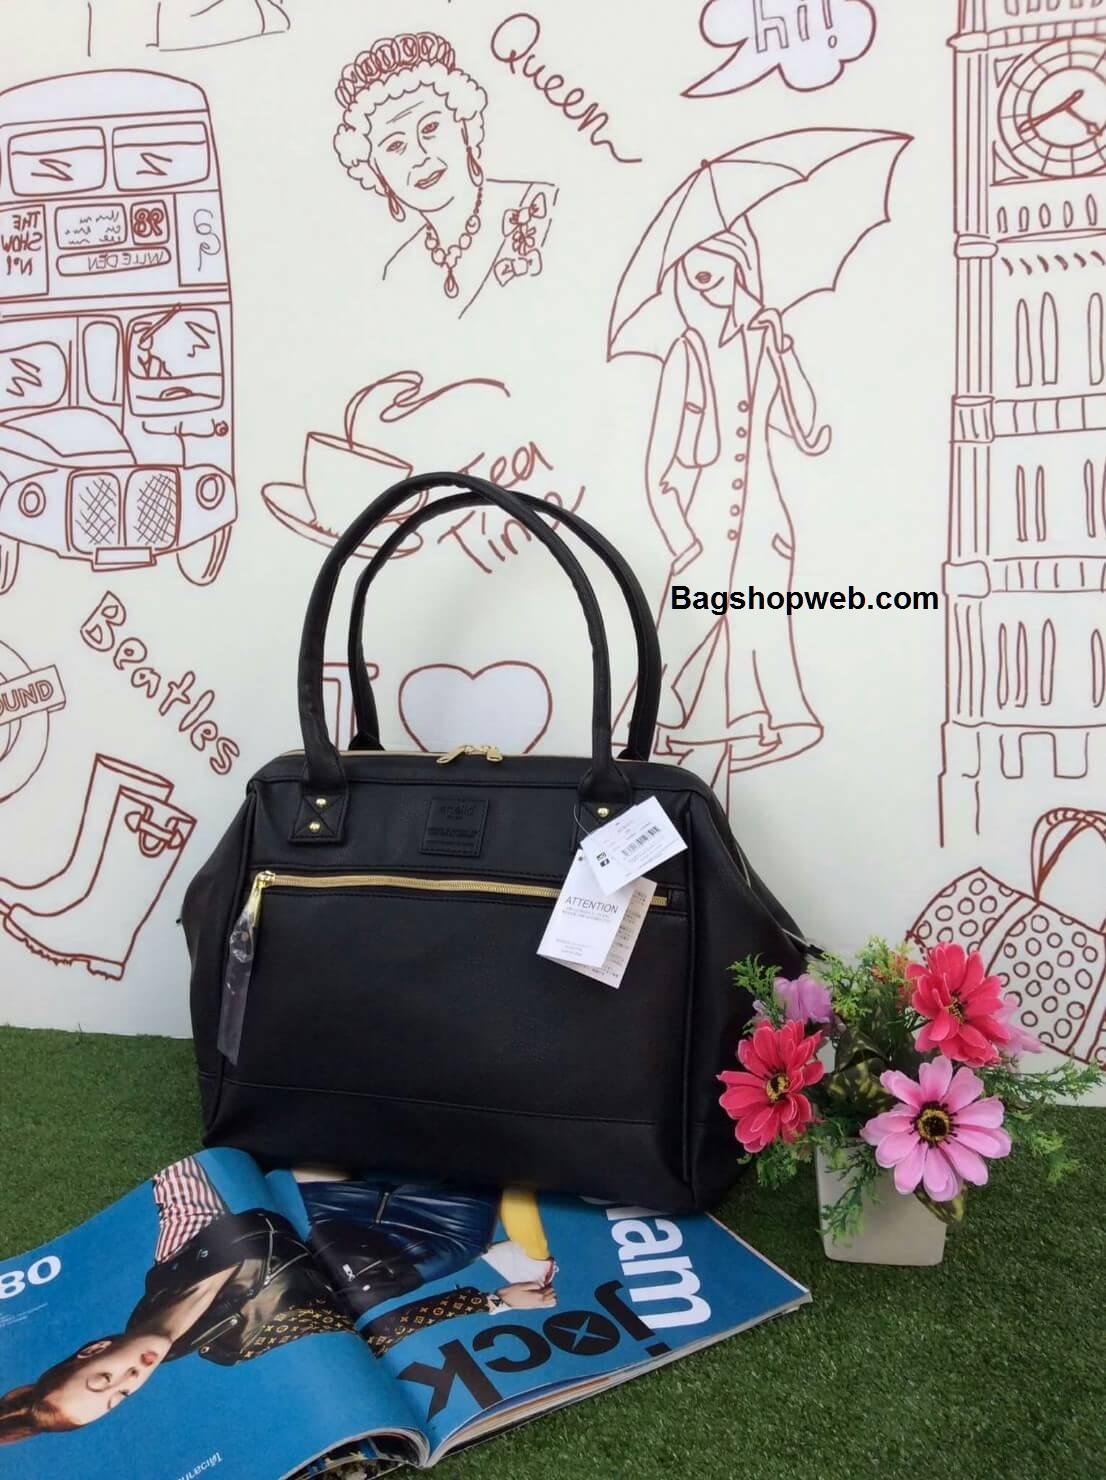 กระเป่า Anello PU Leather boston bag Black Color